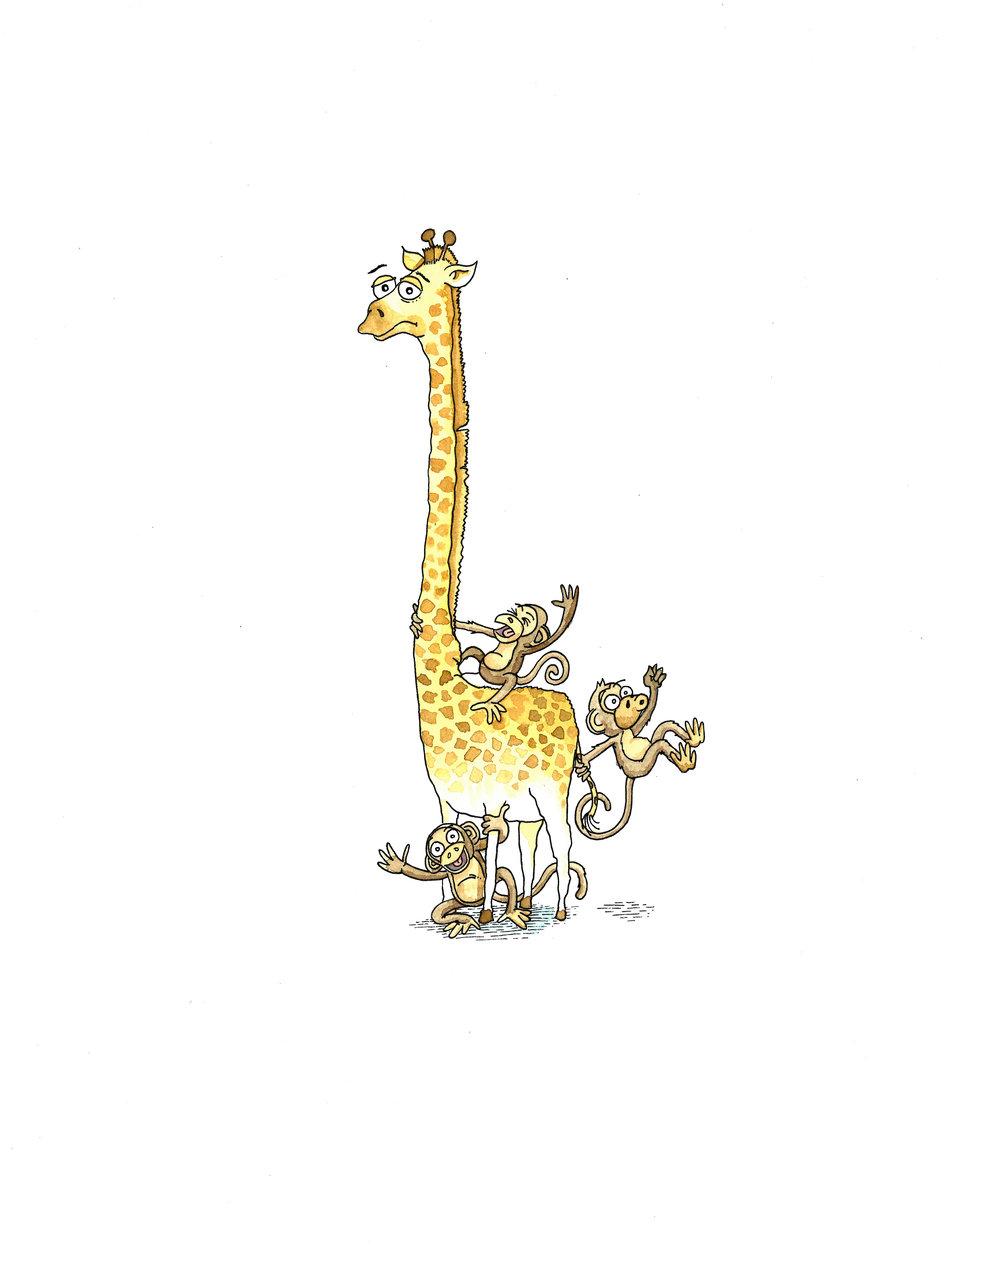 Jungle Jim the Giraffe SCAN.jpg